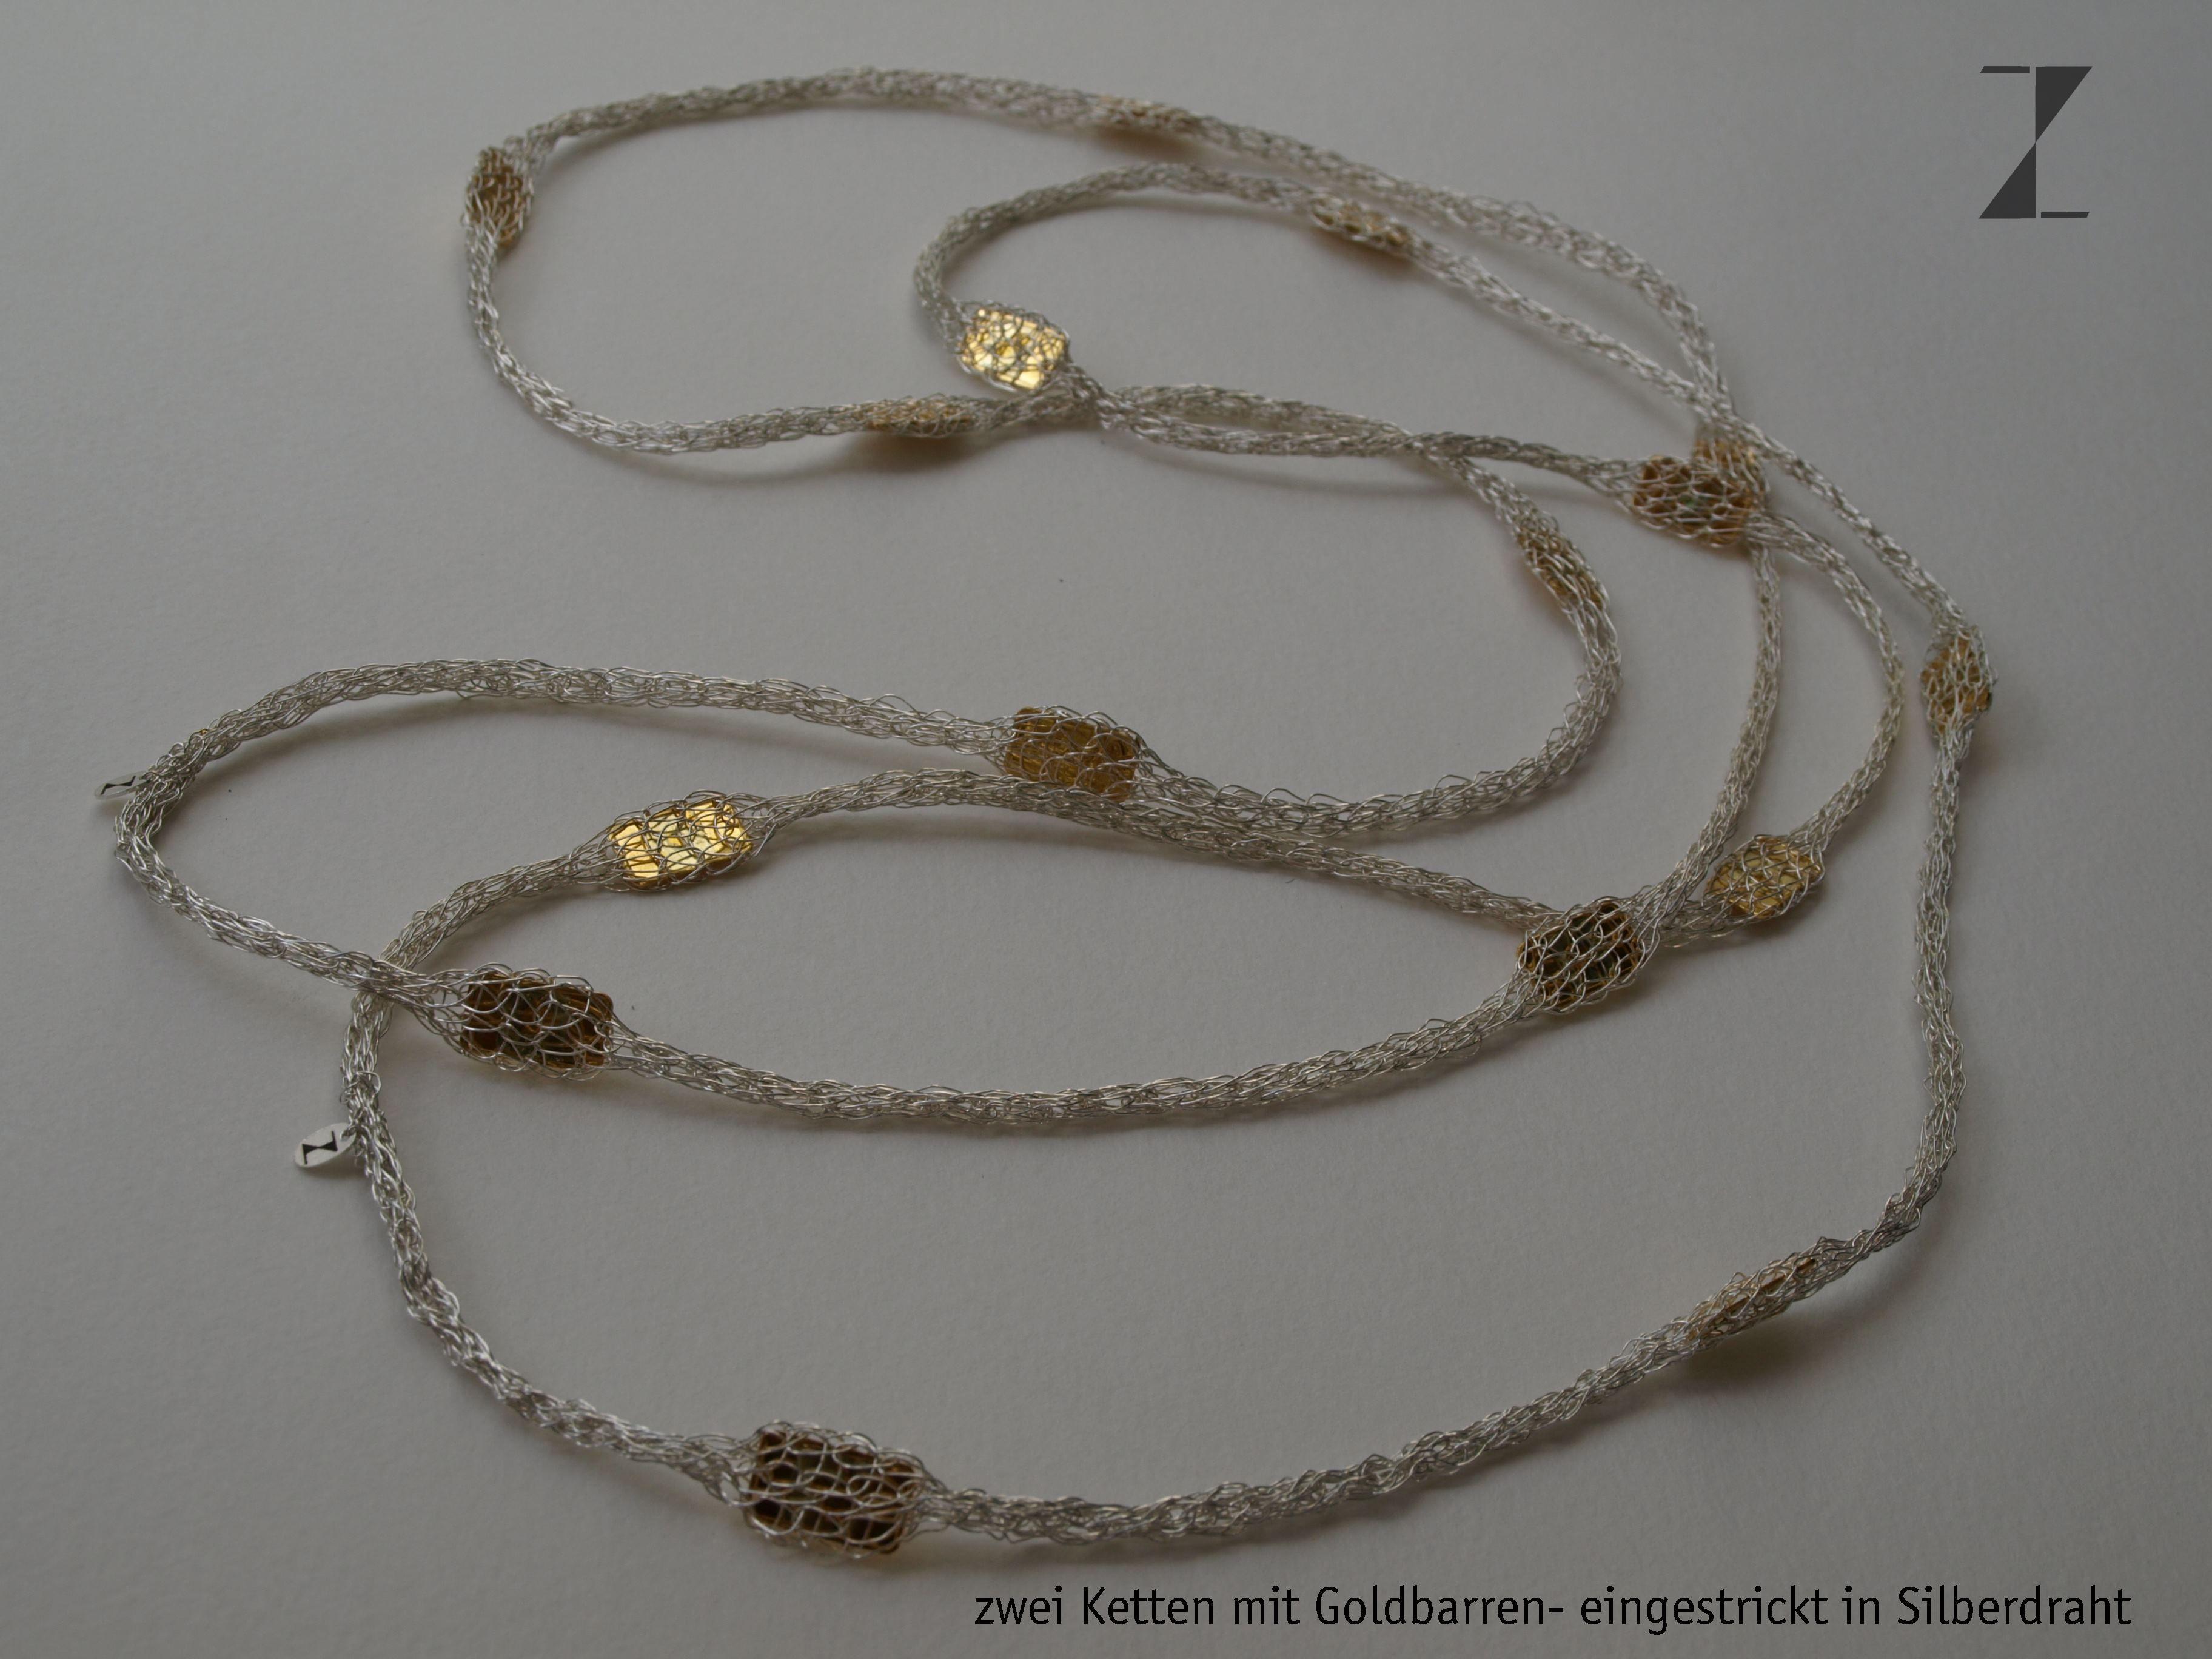 Ketten mit Goldbarren - eingestrickt in Silberdraht www.atelier ...